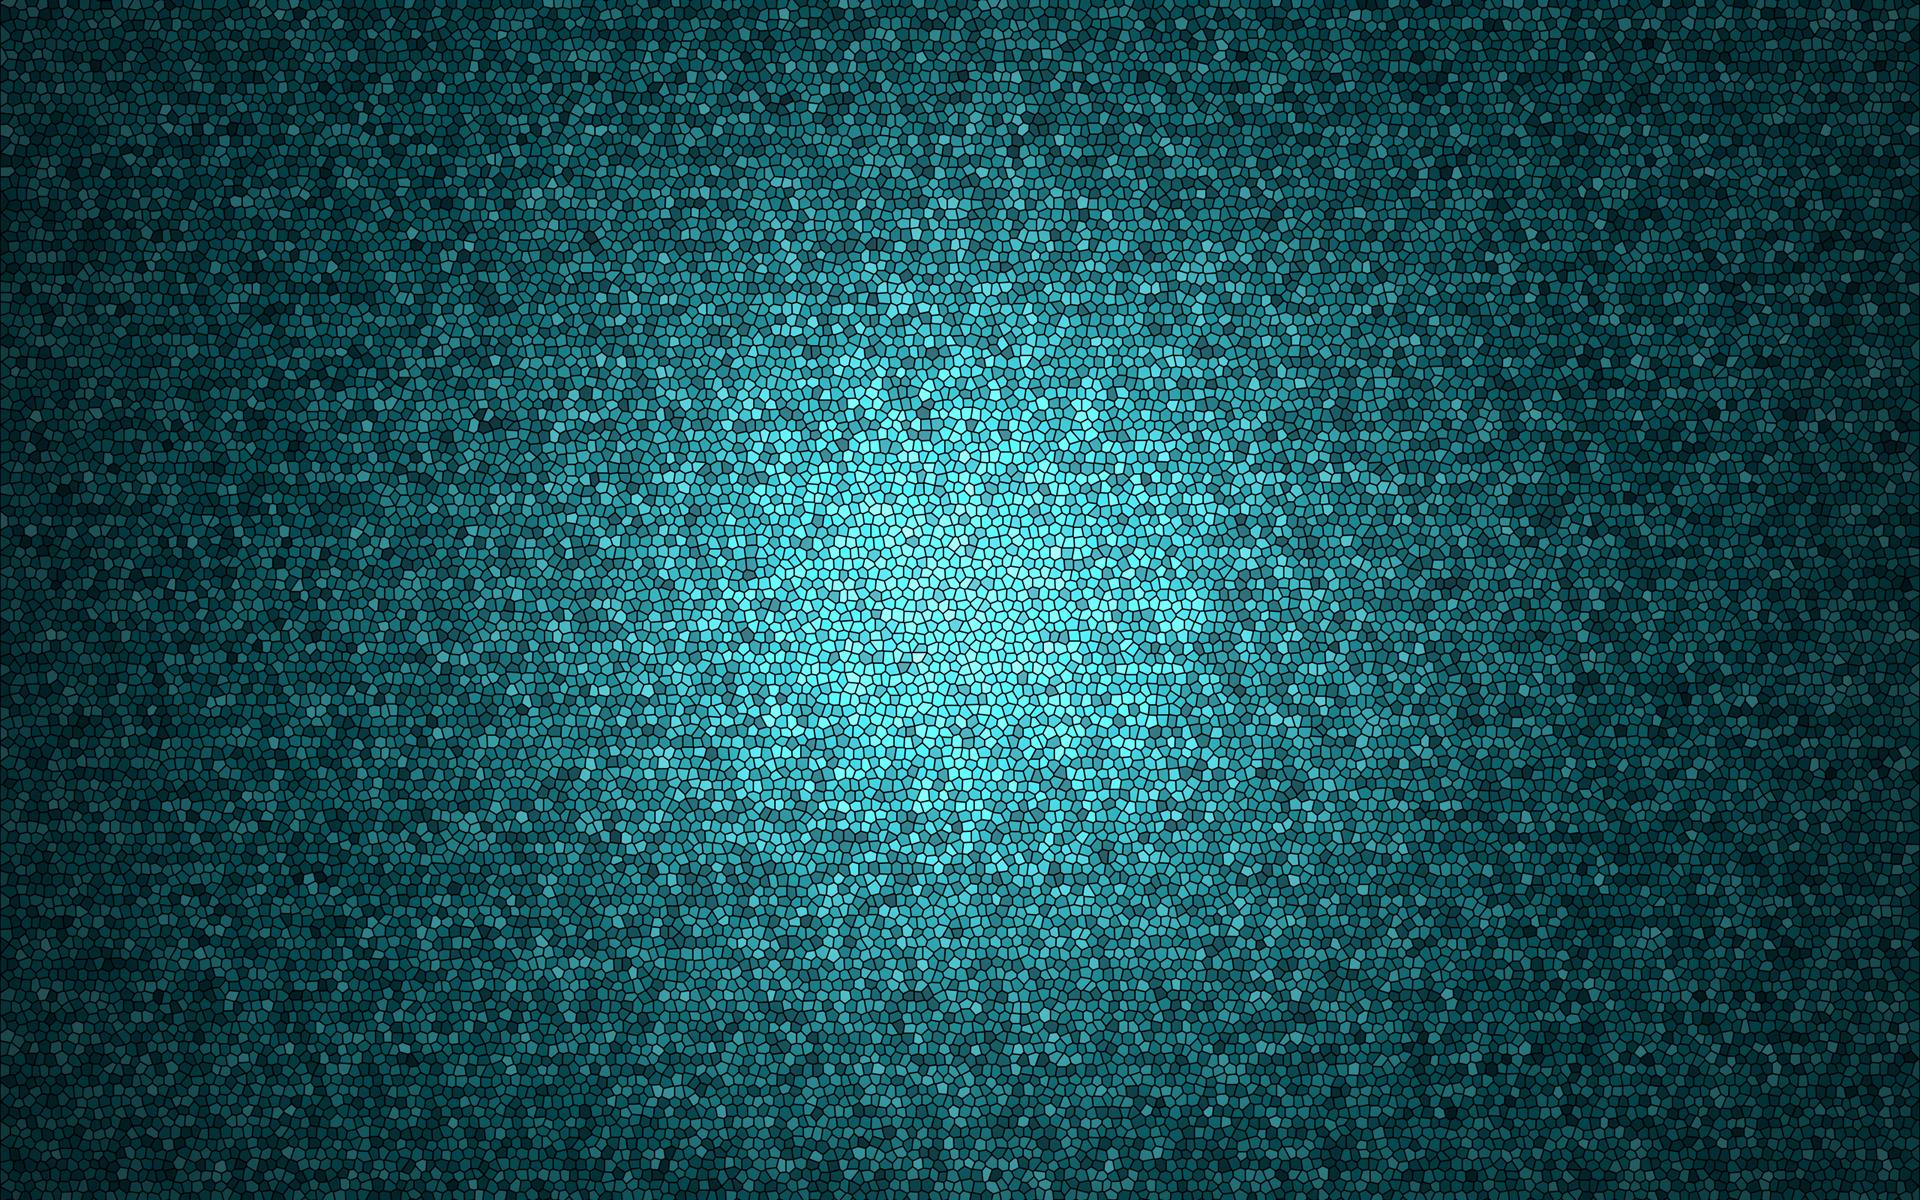 Картинка: Мозаика, текстура, свет, шаблон